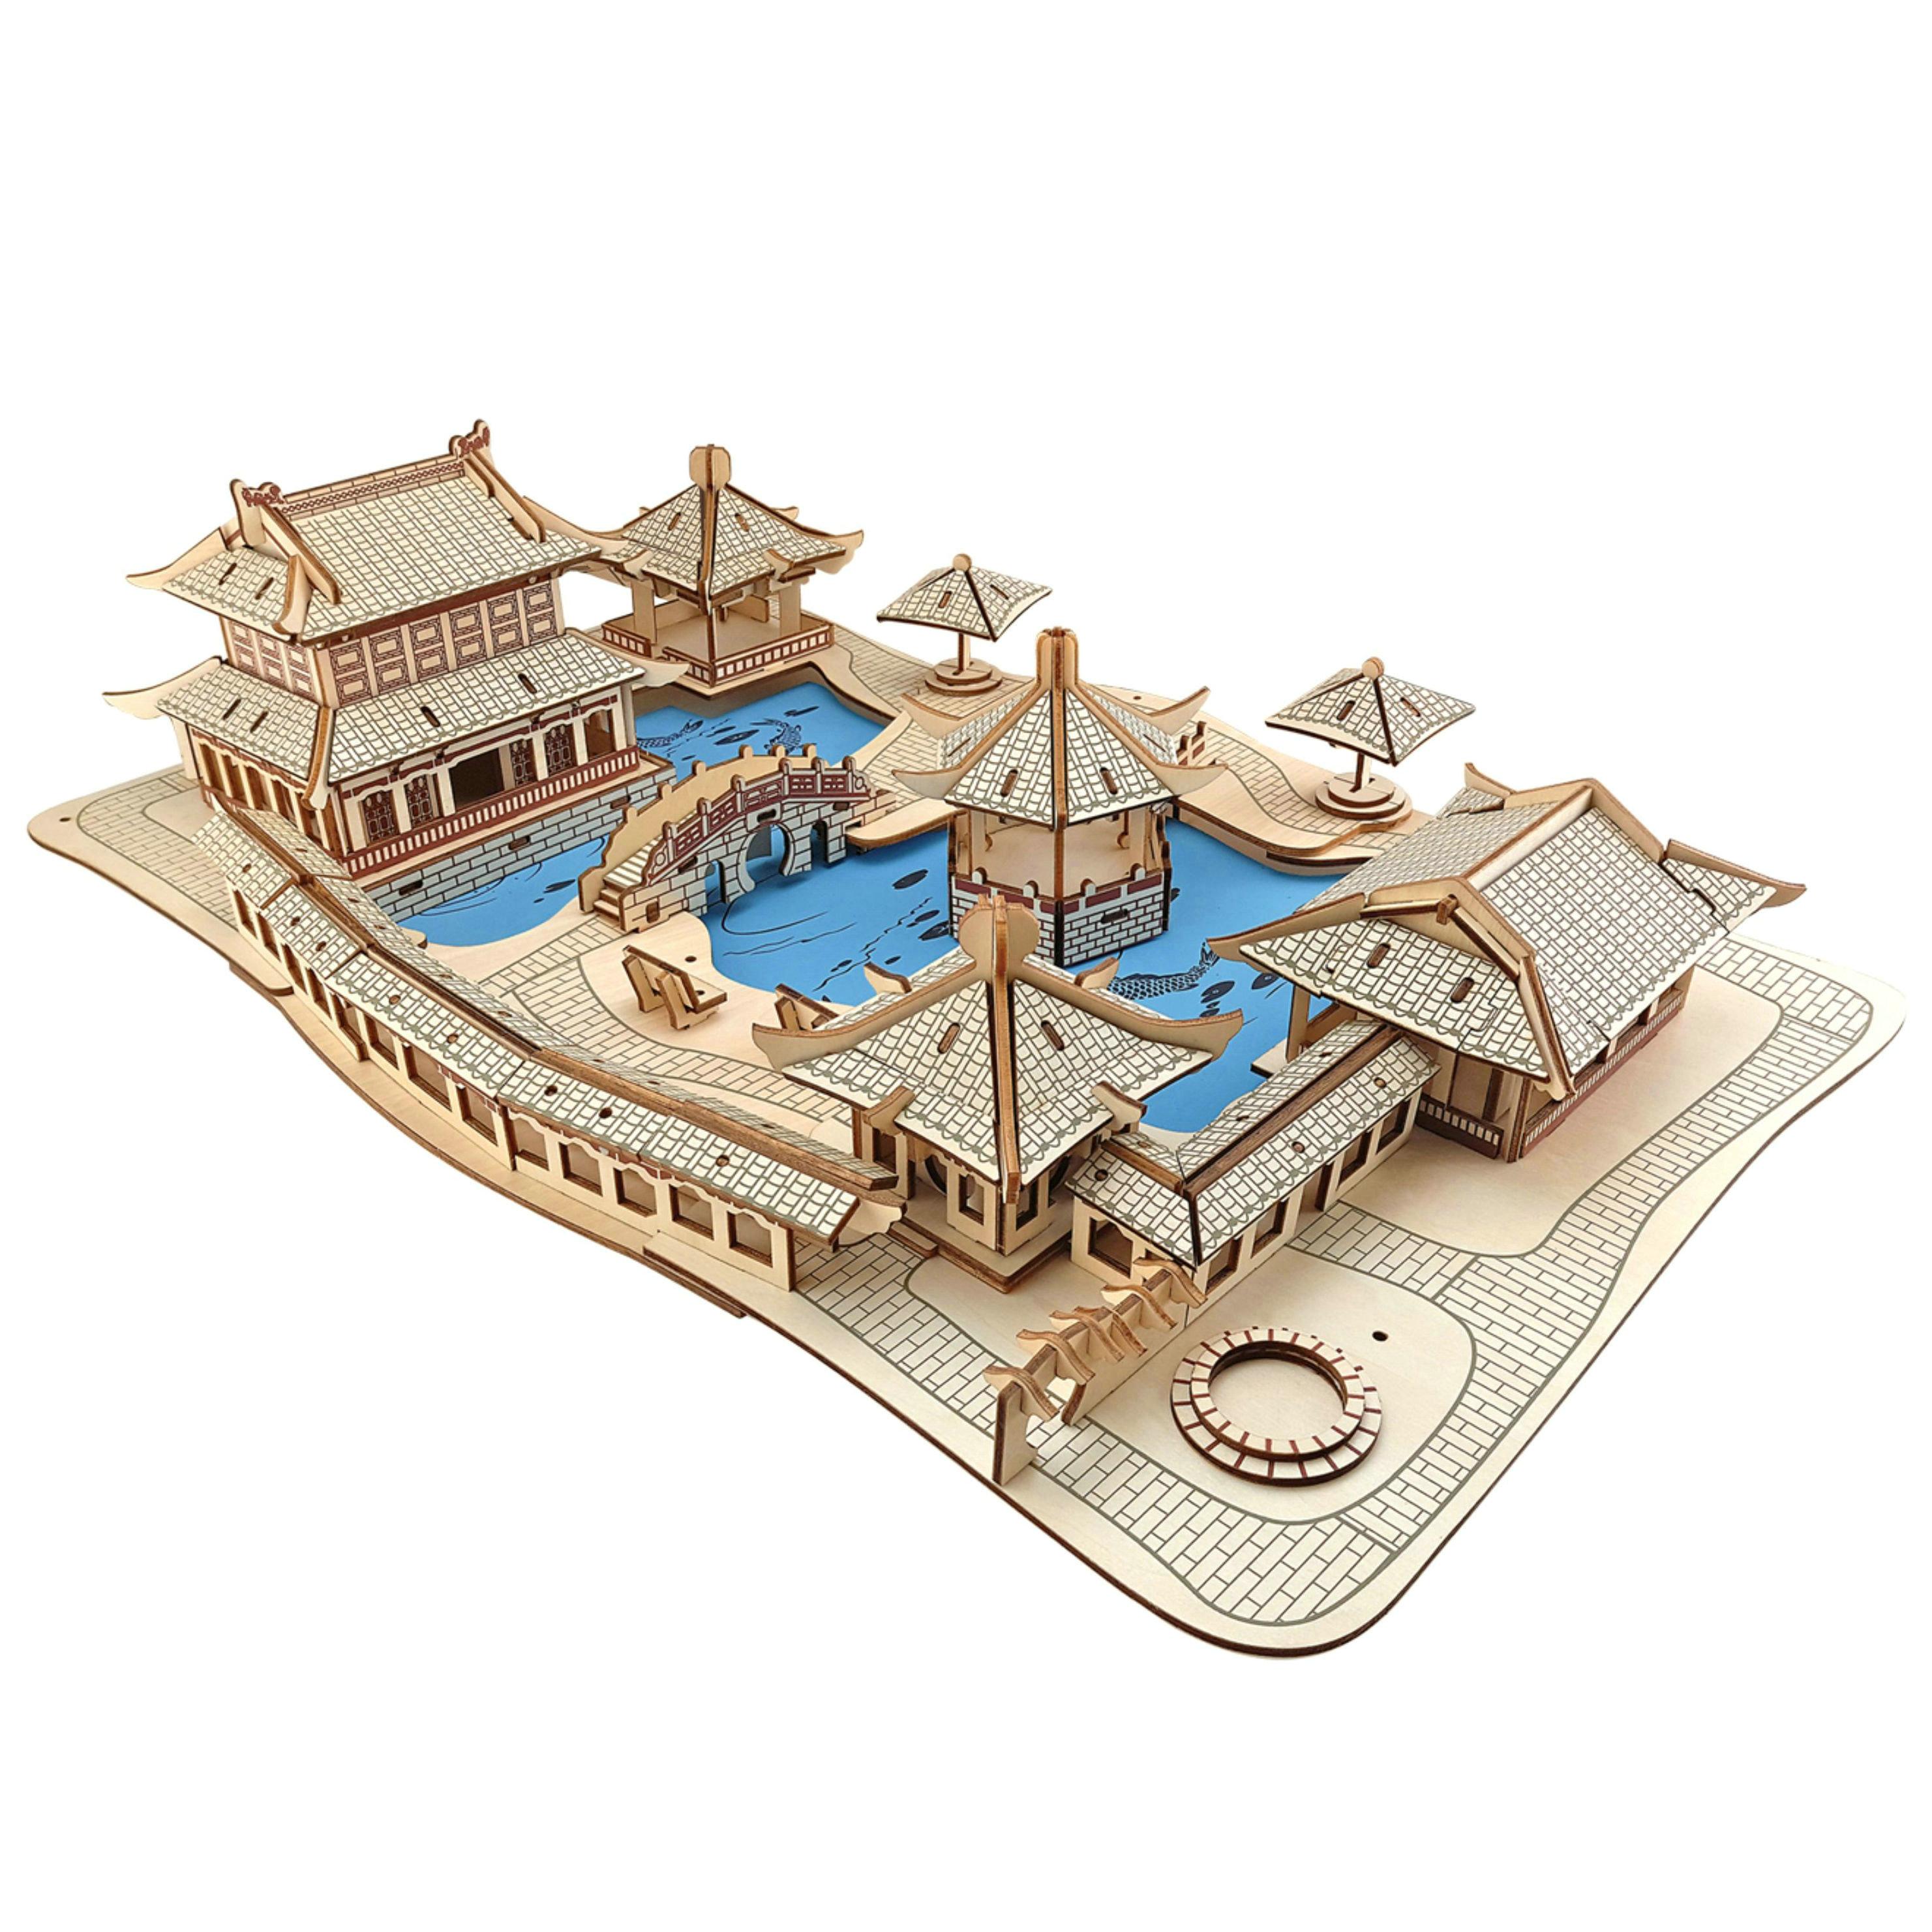 手工版木质成人拼插房子木制激光建筑模型拼图拼装别墅积木头儿童厅三室立体两图片